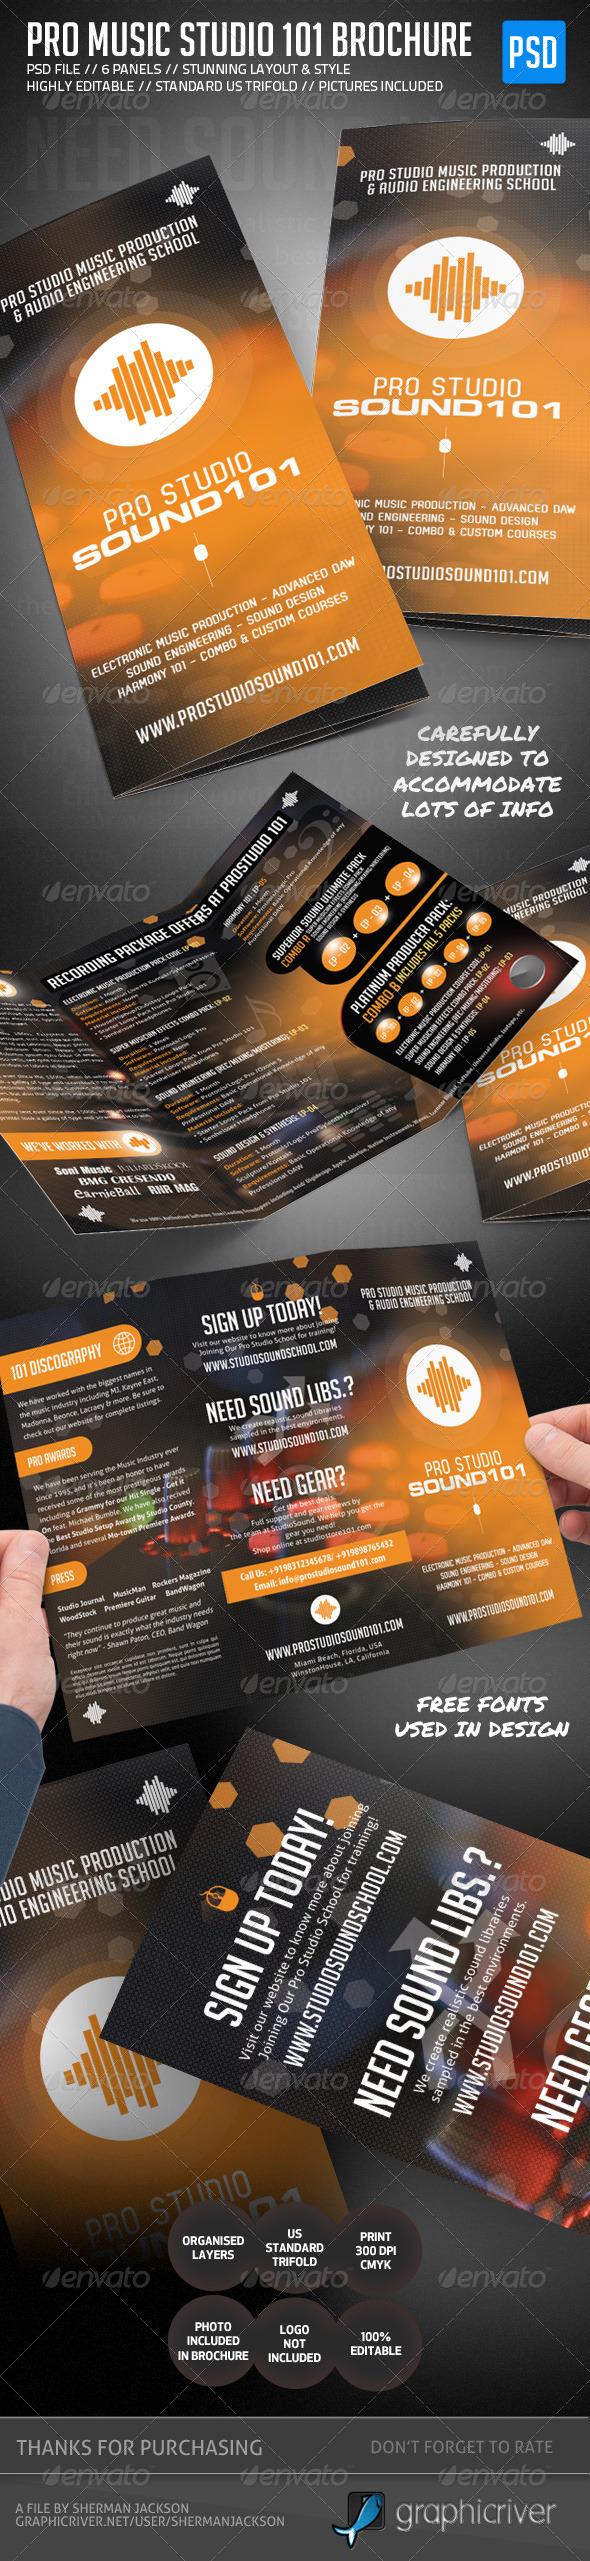 GraphicRiver Pro Music Studio Trifold Brochure 5022640